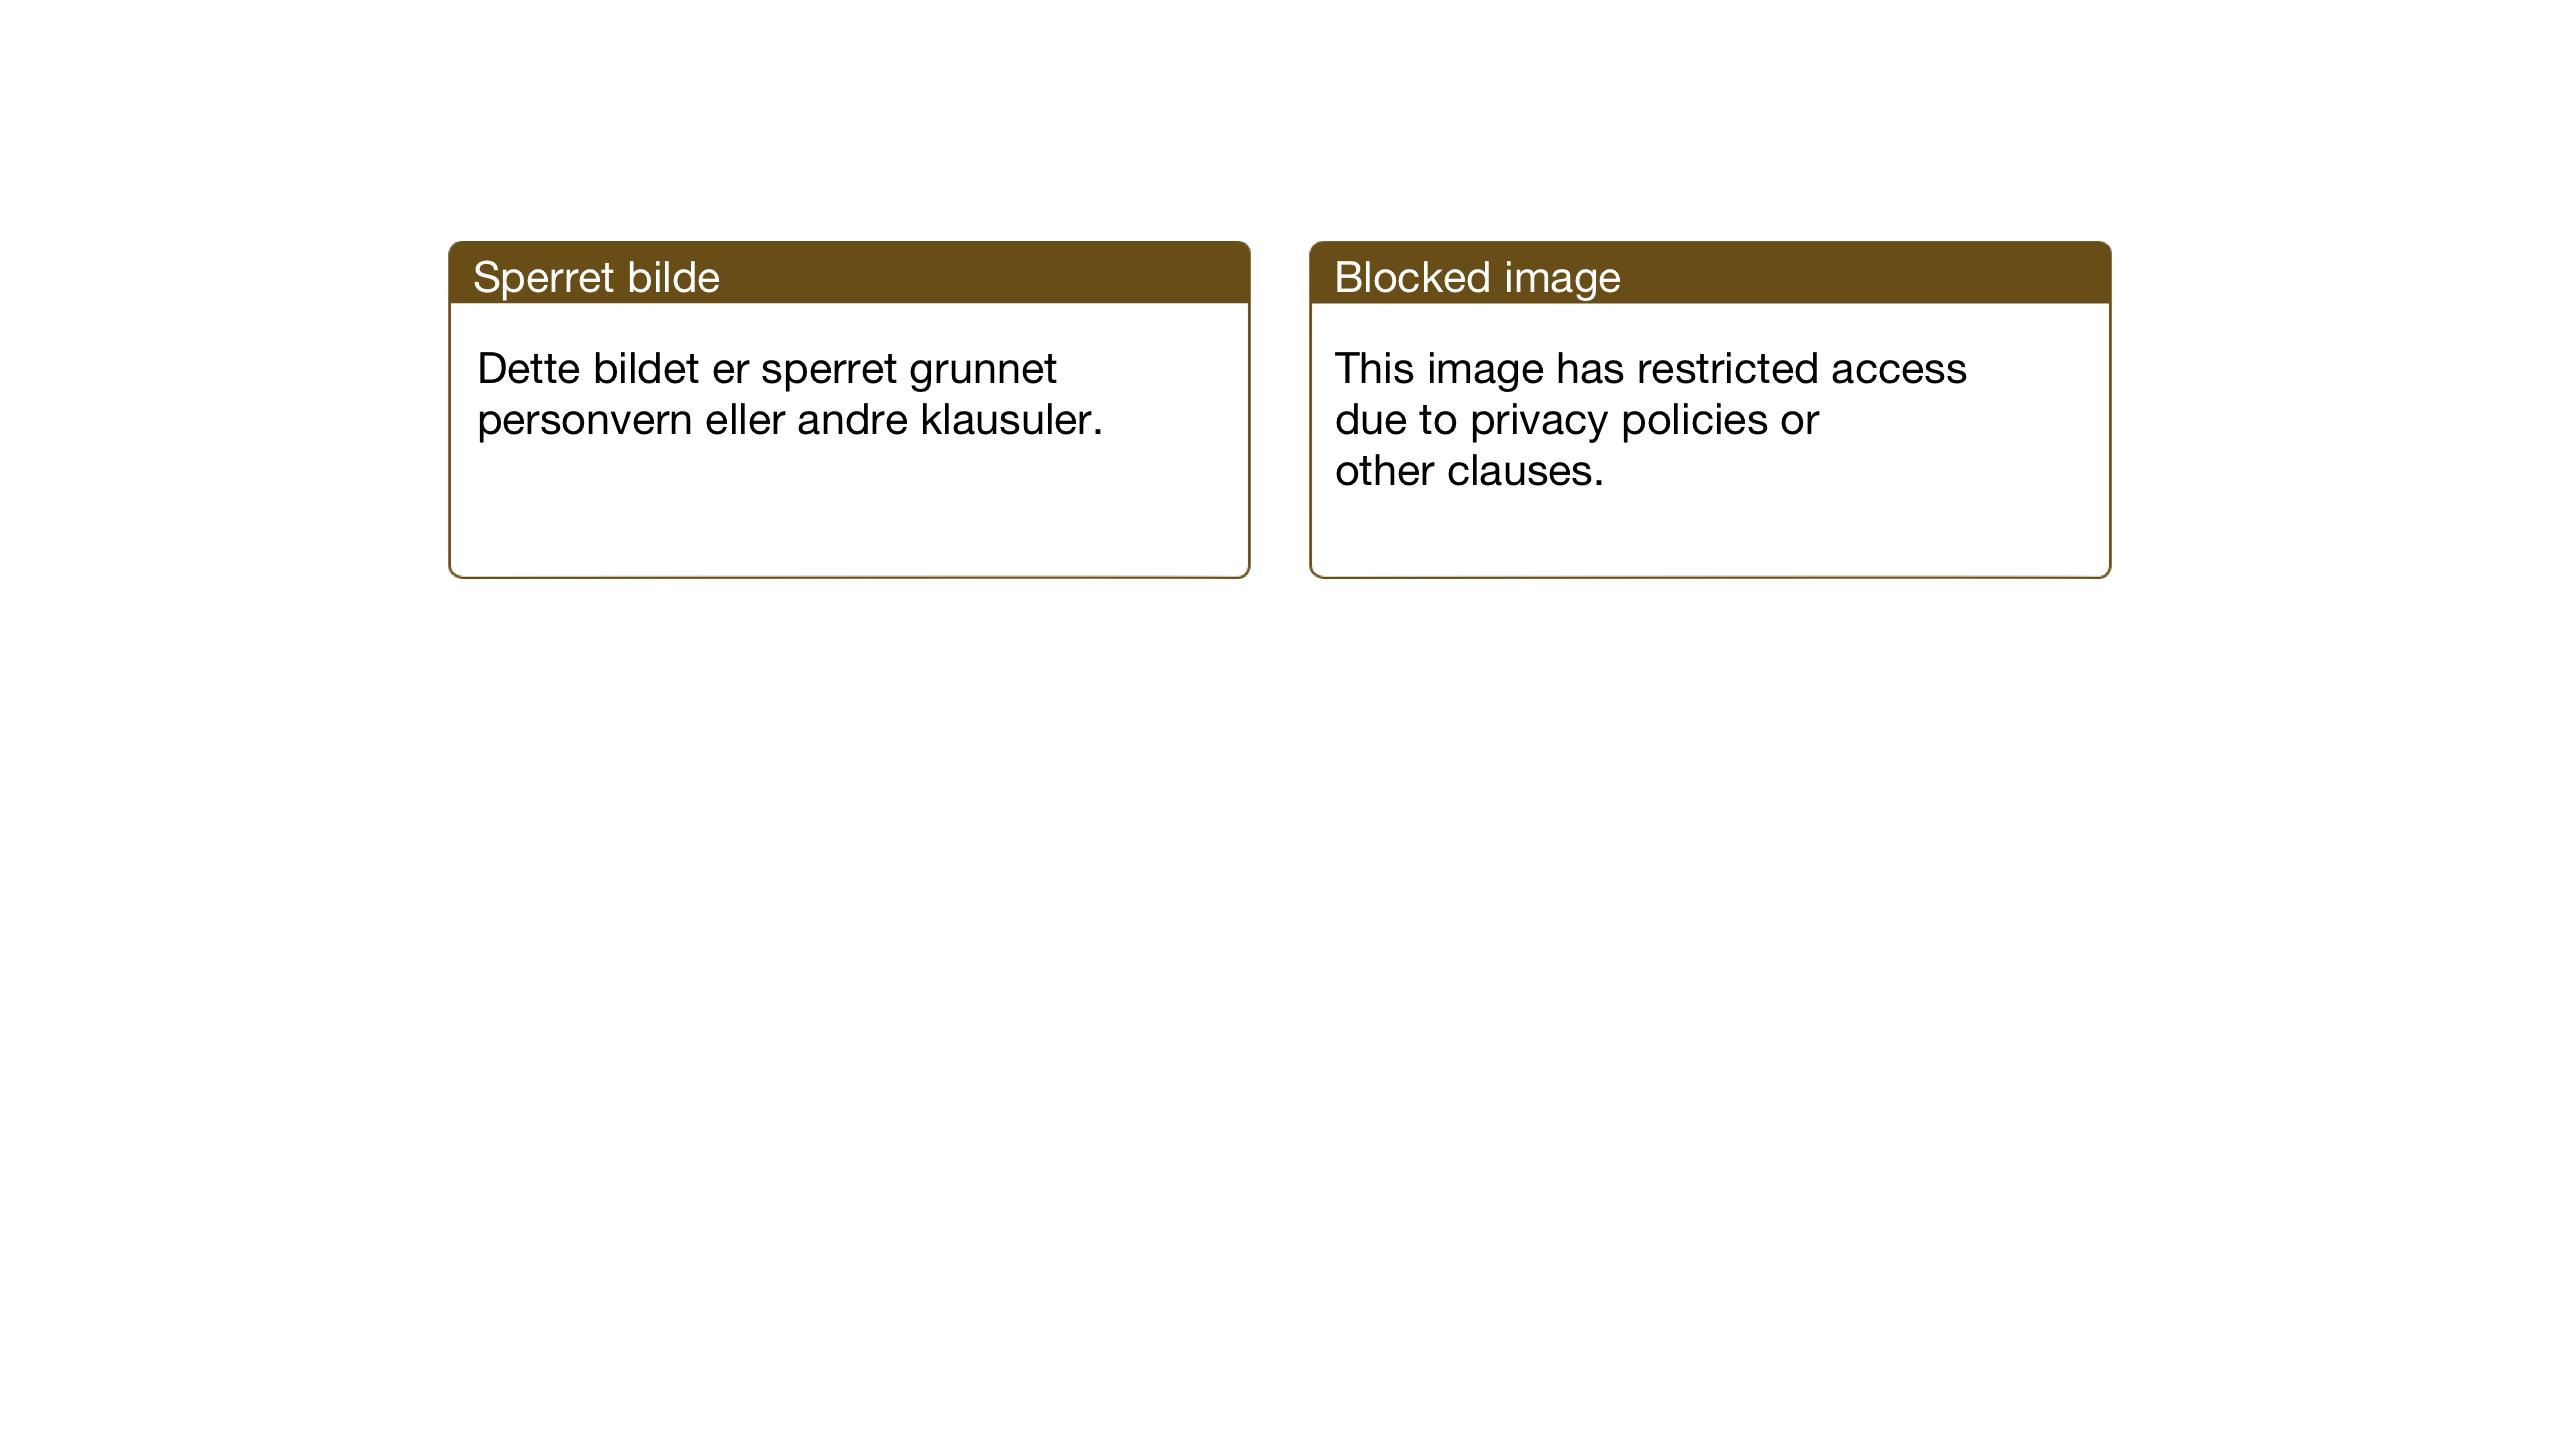 SAT, Ministerialprotokoller, klokkerbøker og fødselsregistre - Sør-Trøndelag, 693/L1124: Klokkerbok nr. 693C05, 1911-1941, s. 89